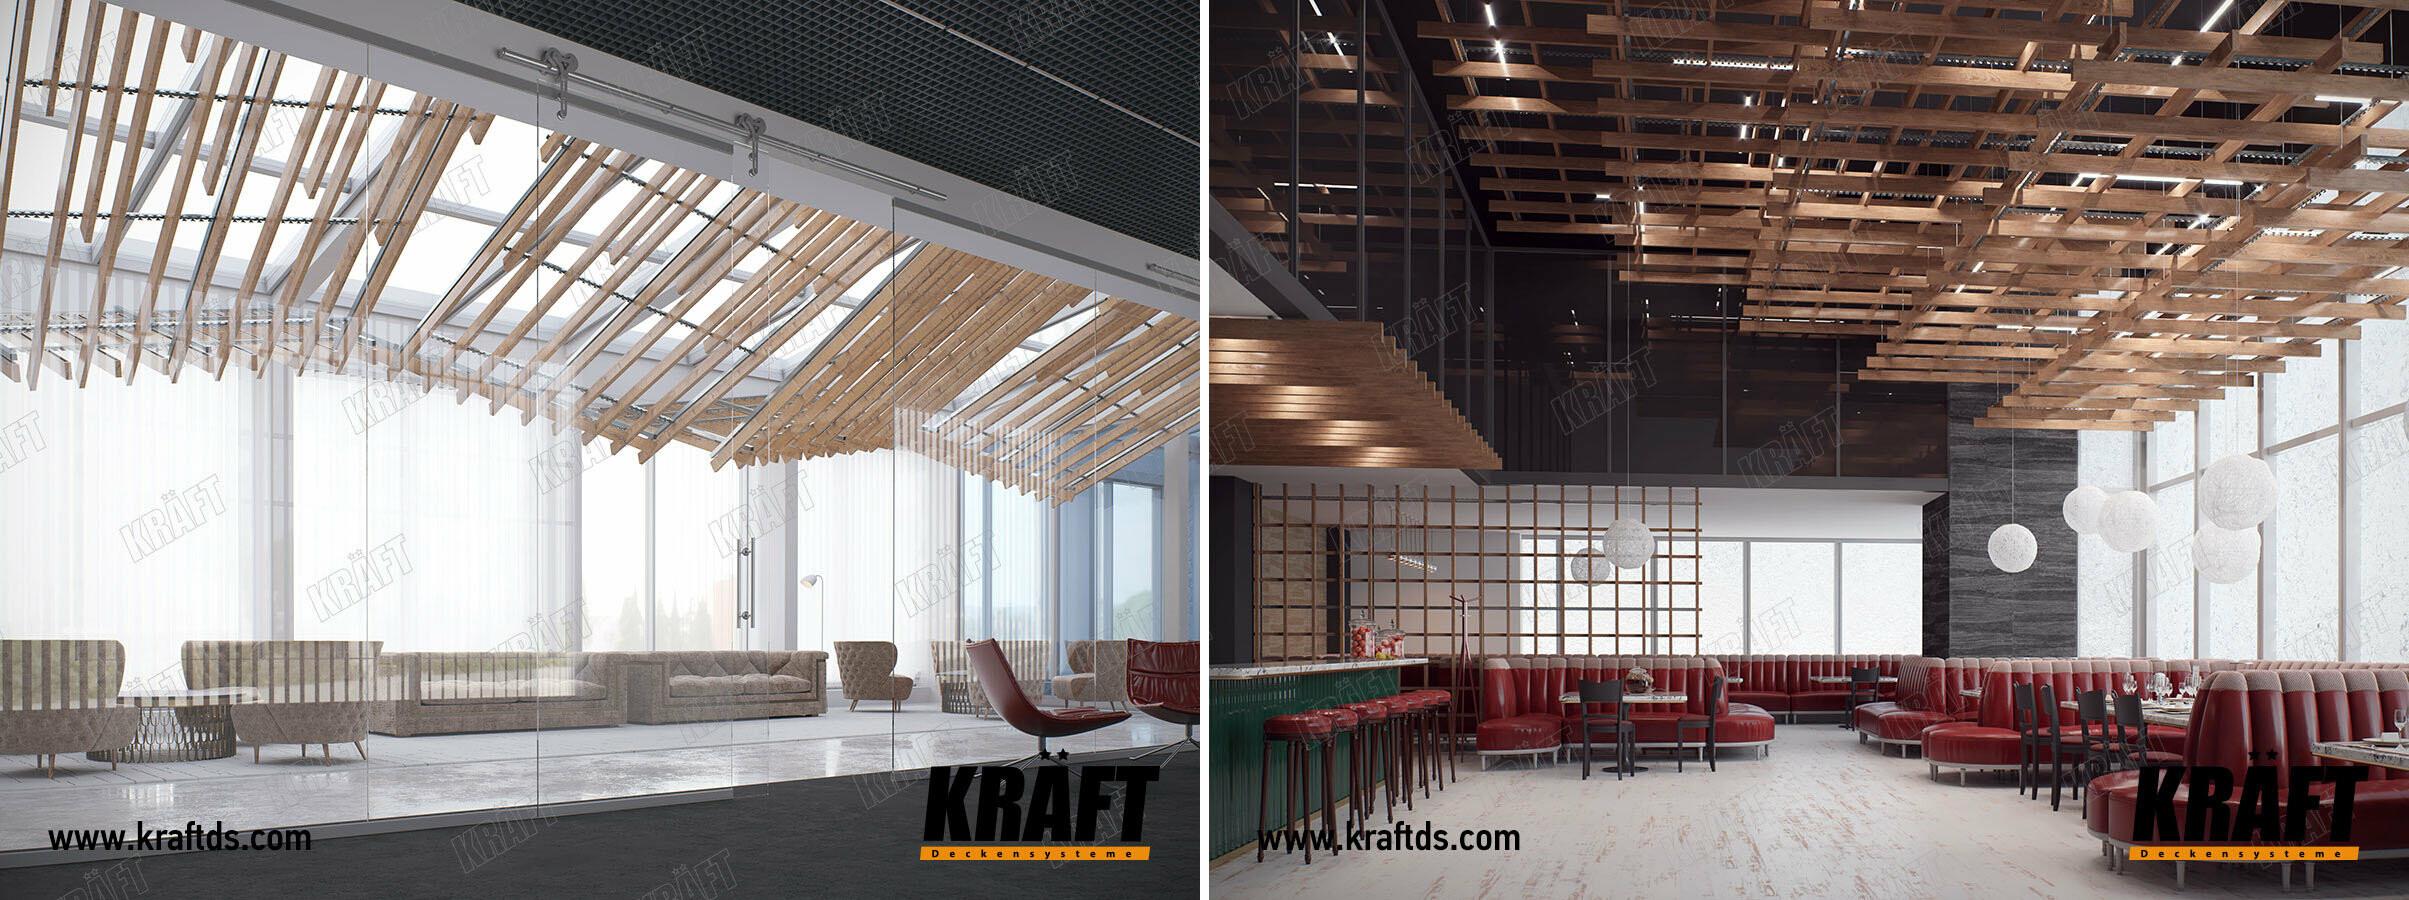 Многоуровневые реечные подвесные потолки KRAFT